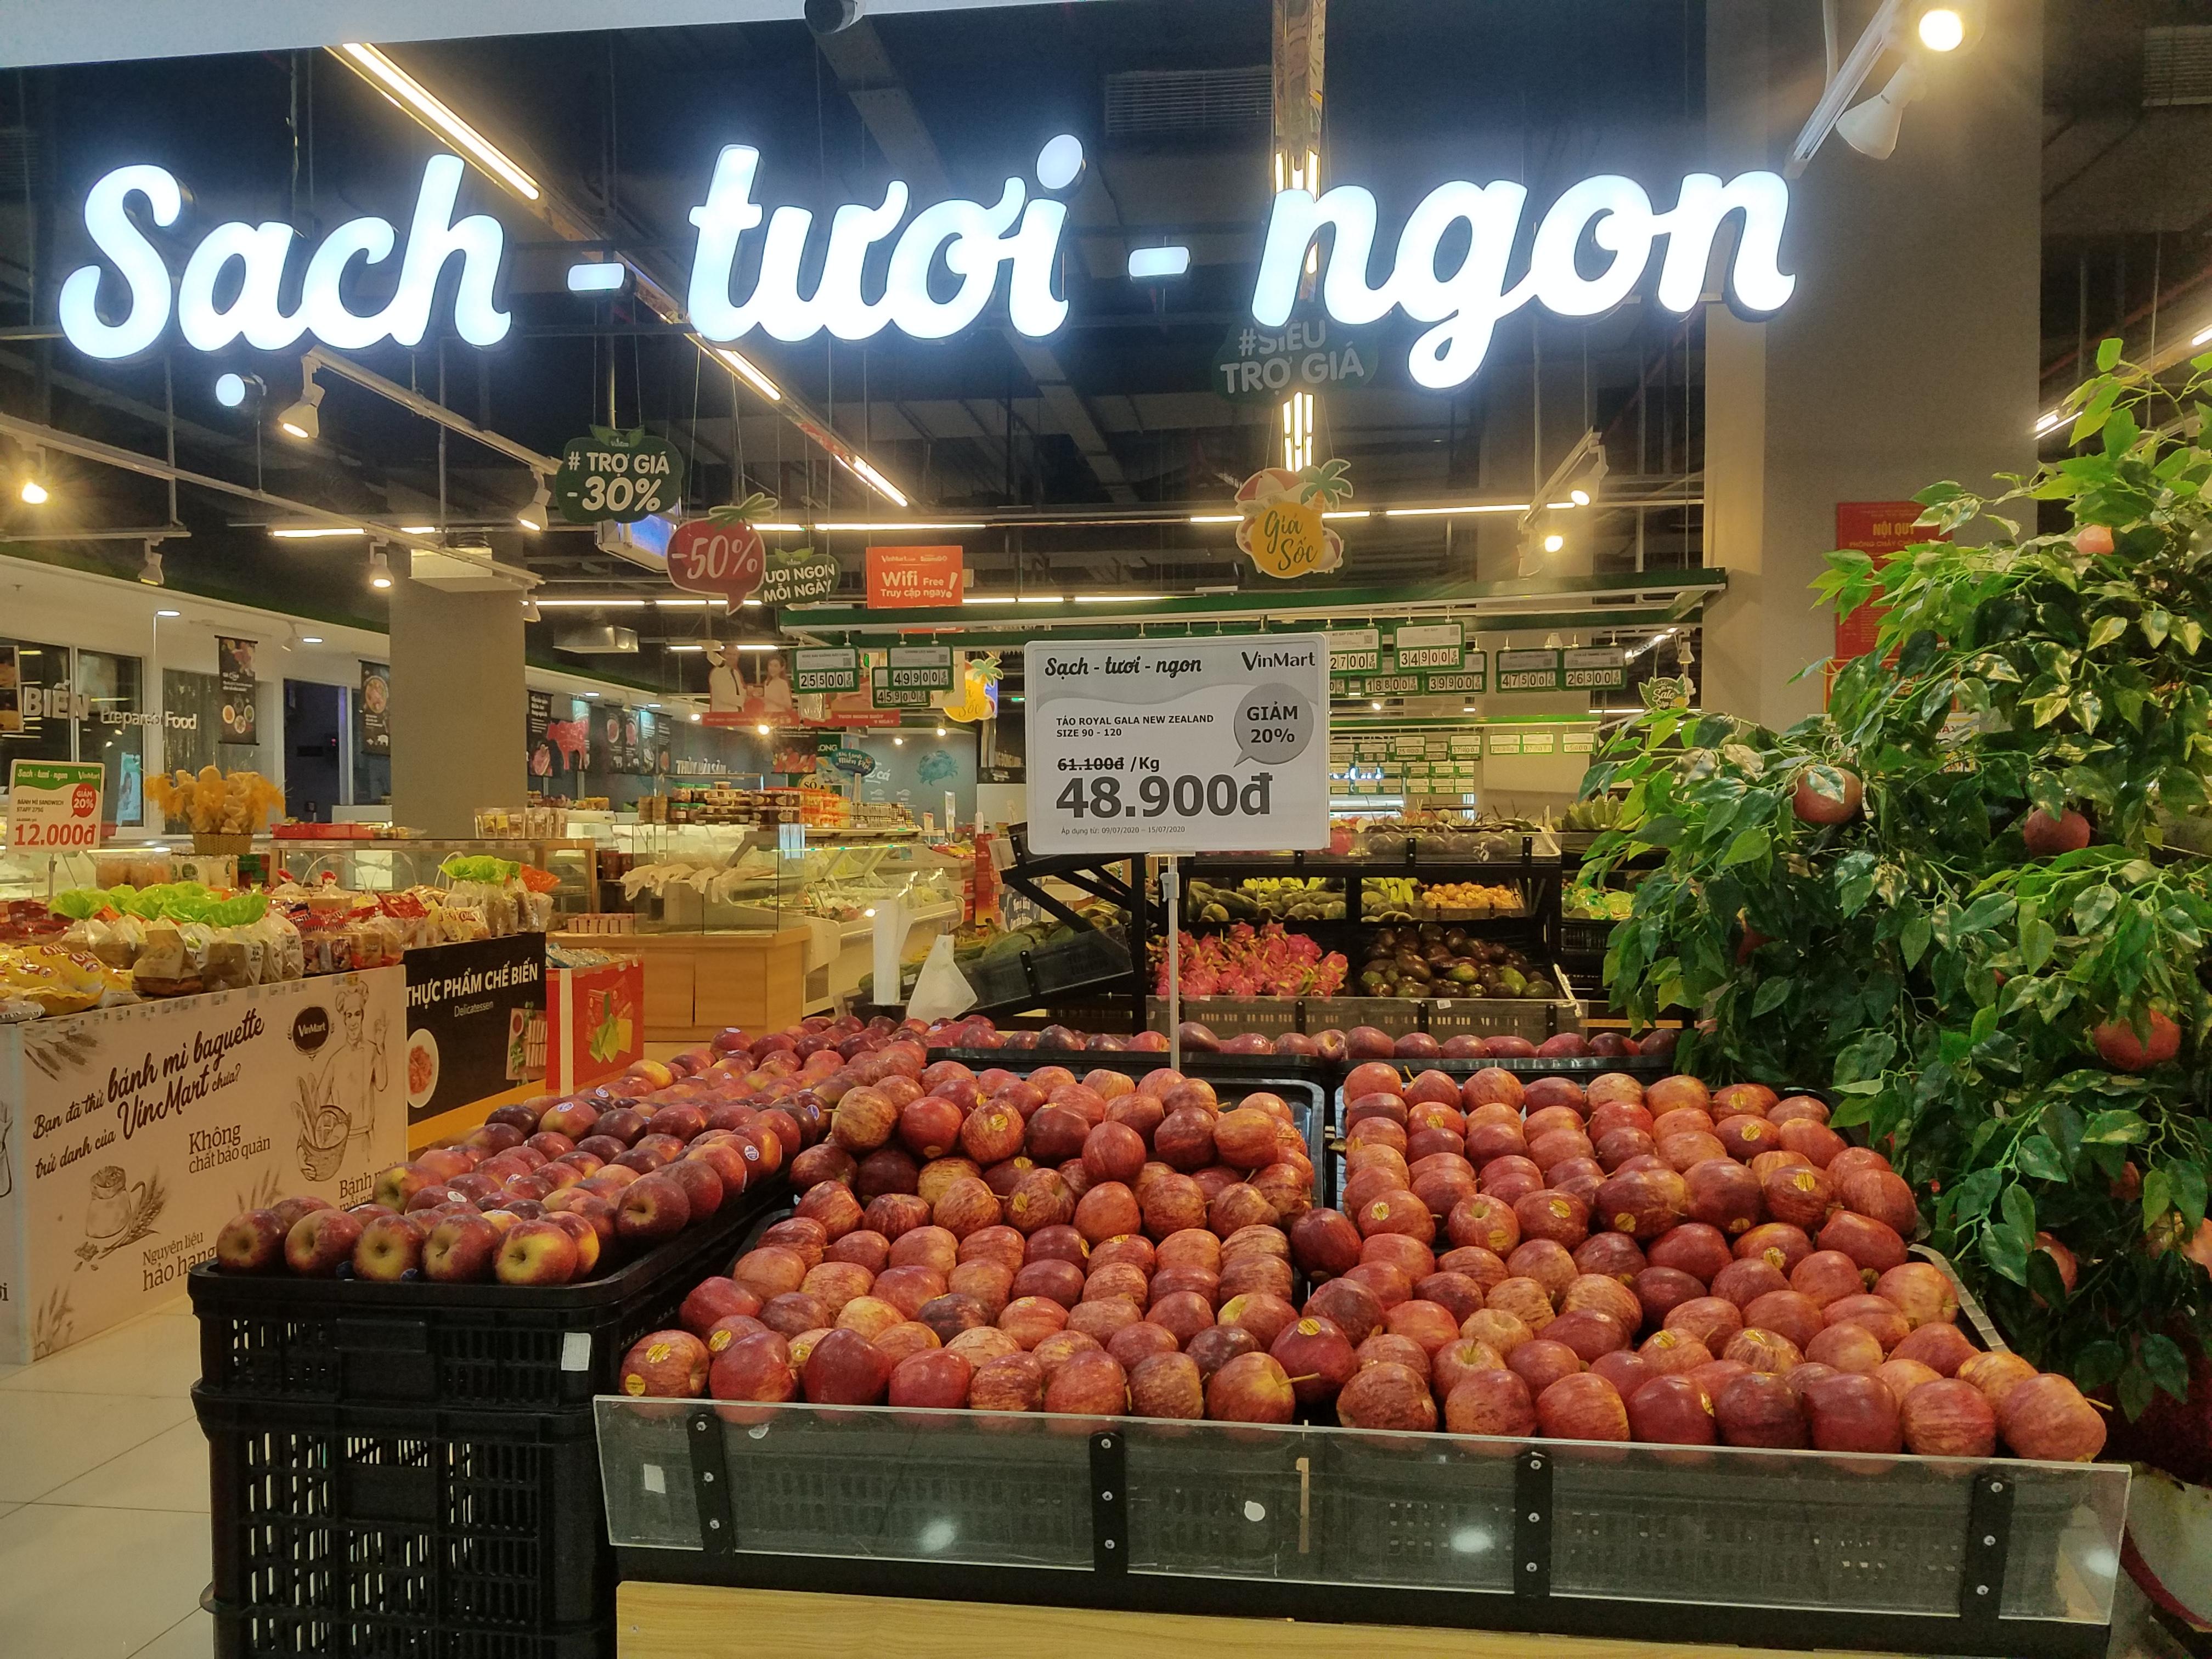 Vinmart, Lotte giảm giá sâu tới 70% các mặt hàng trong Tháng khuyến mại tập trung quốc gia - Ảnh 1.